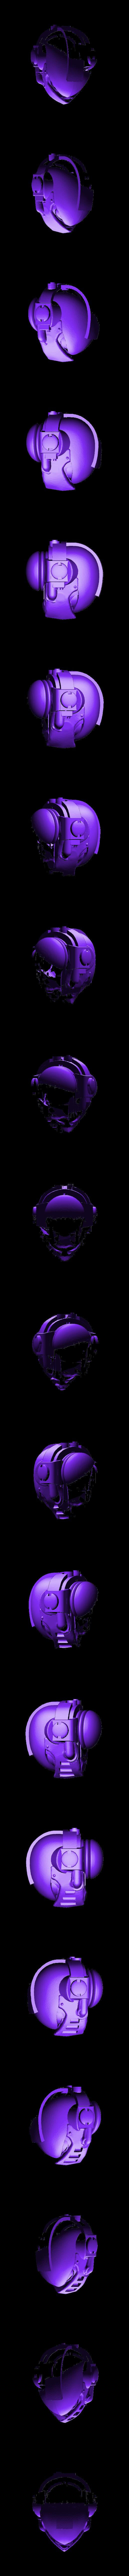 Head 6.stl Télécharger fichier STL gratuit L'équipe des Chevaliers gris Primaris • Modèle pour imprimante 3D, joeldawson93